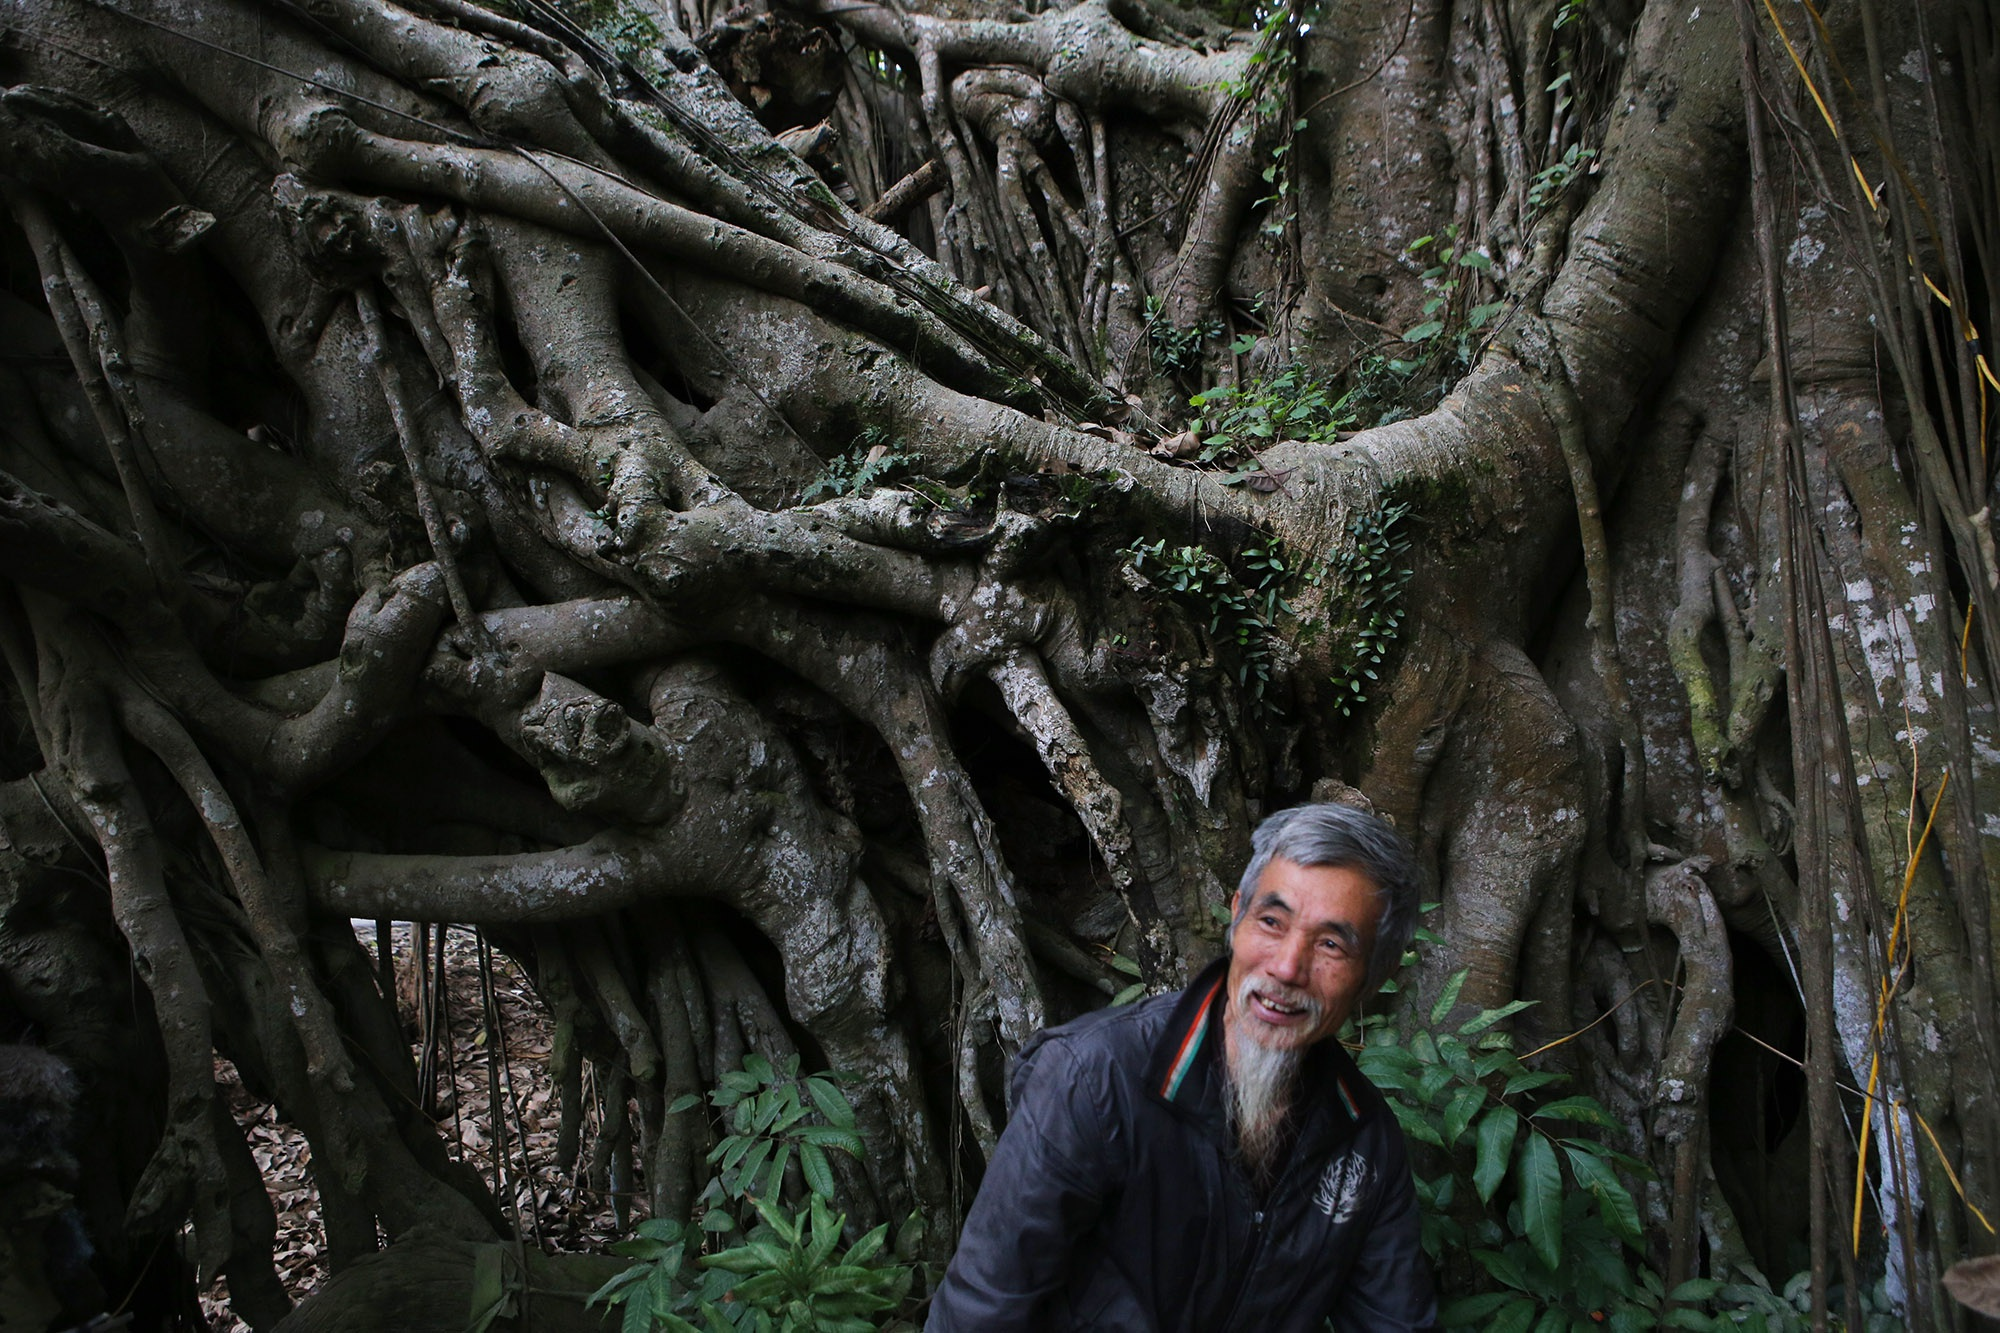 Chuyện ít người biết về cây đa khổng lồ ở xã Viên Nội - 7